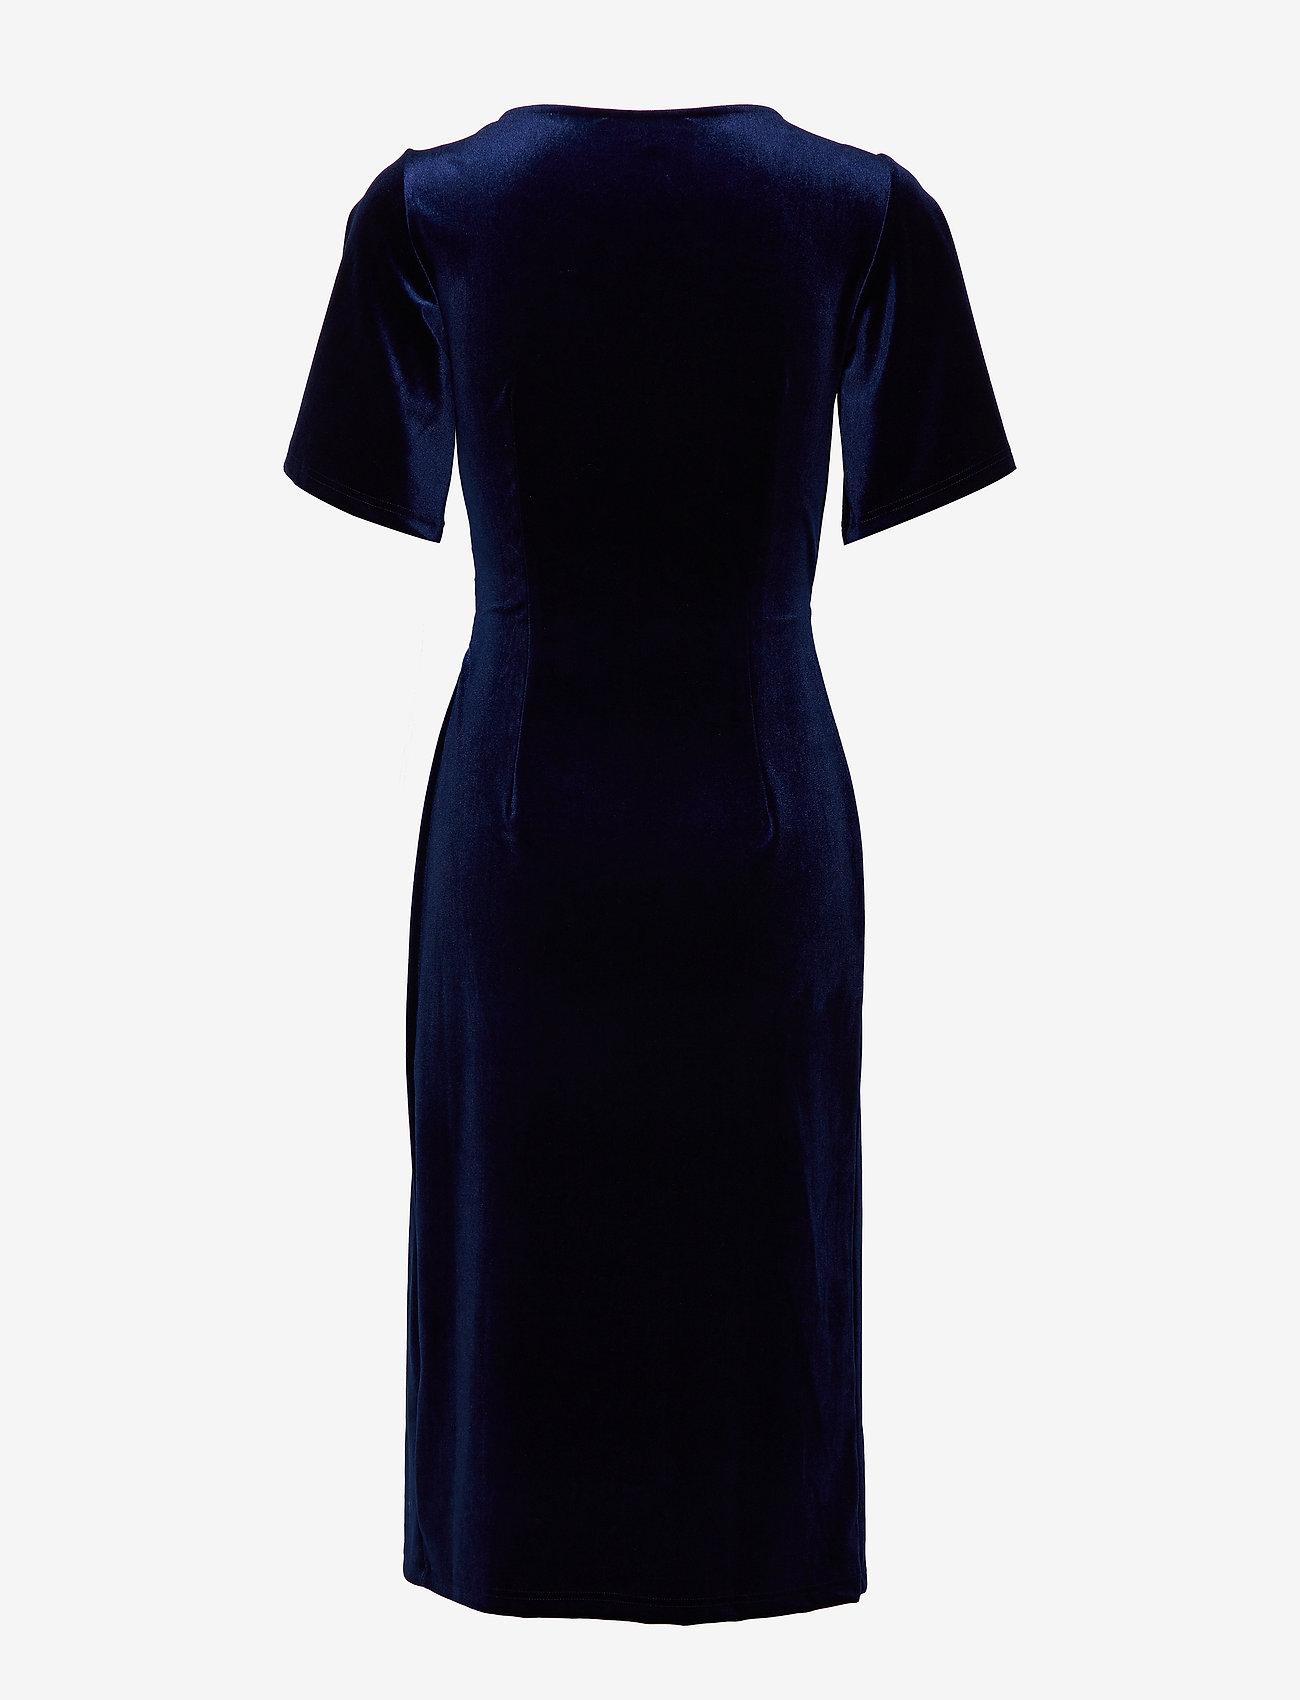 Ilse Jacobsen DRESS - Sukienki MARITIME BLUE - Kobiety Odzież.